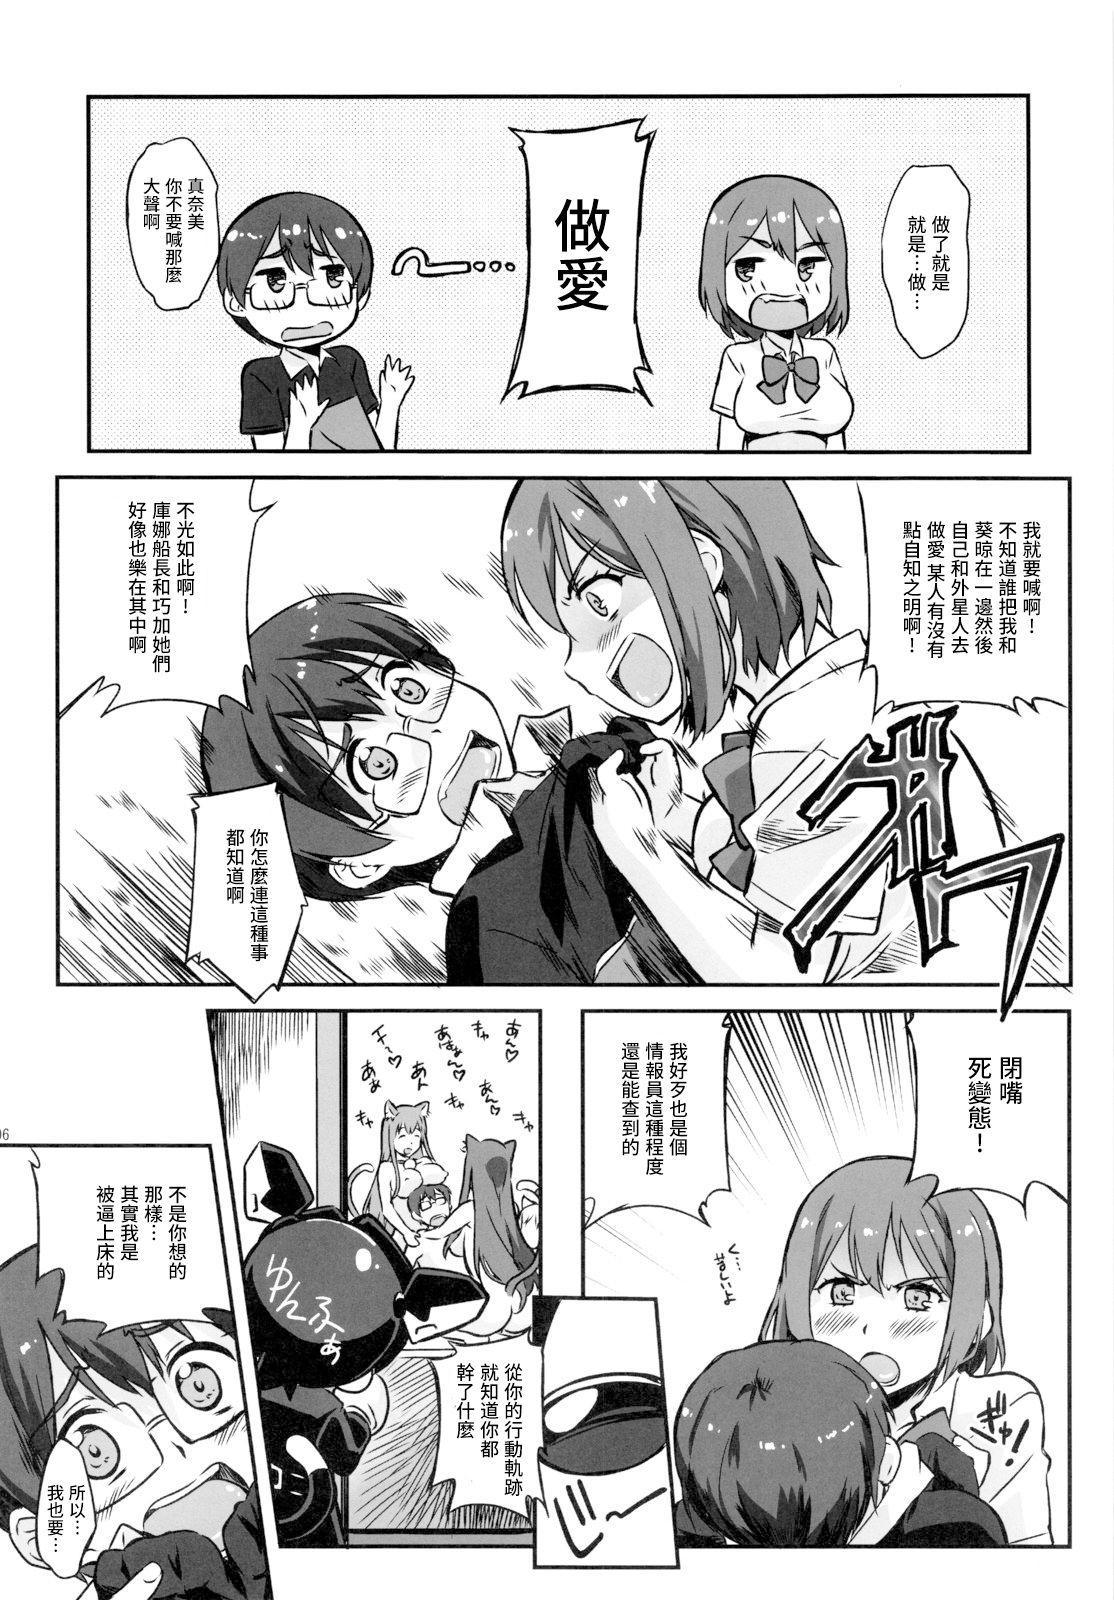 Asoko de Iku yo! 2 5